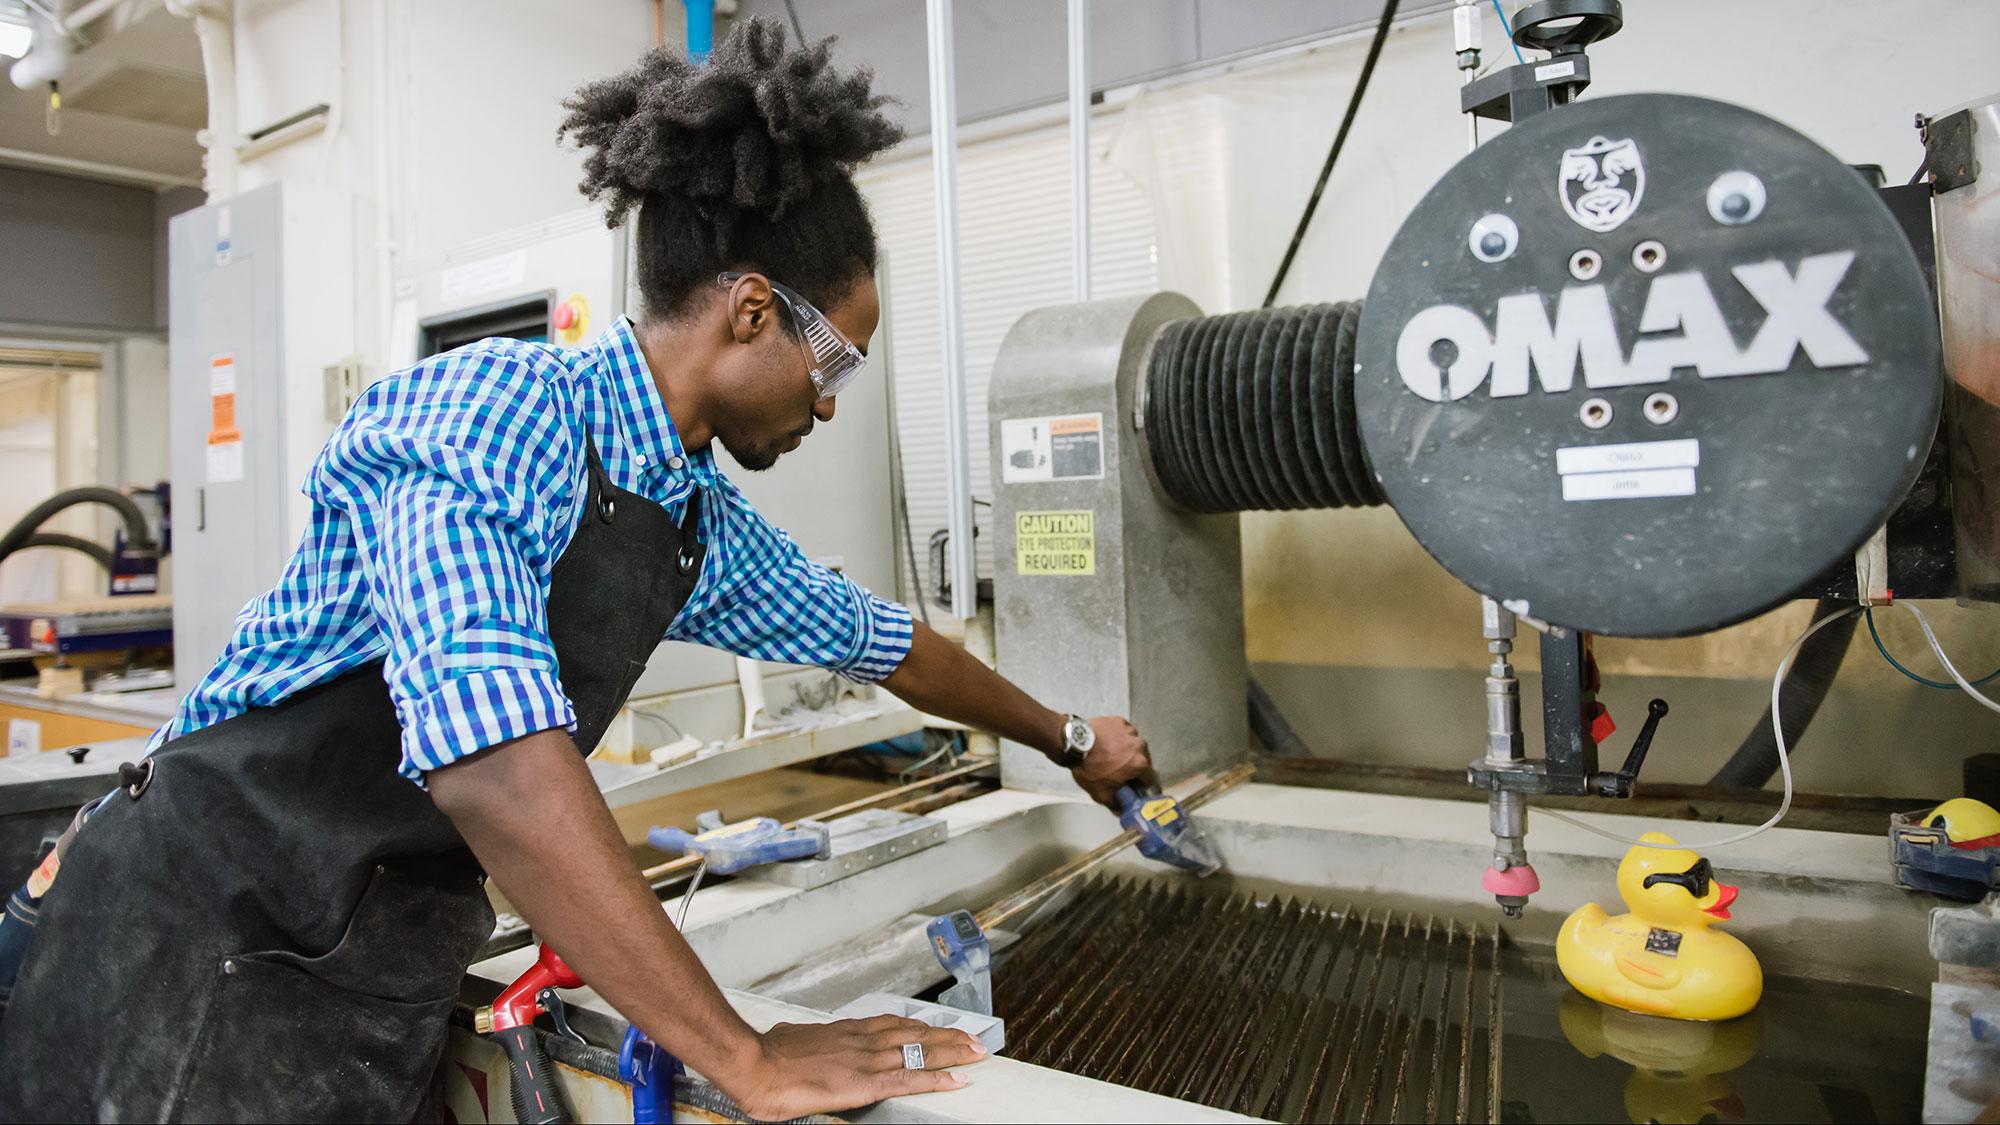 MakerWorkshop